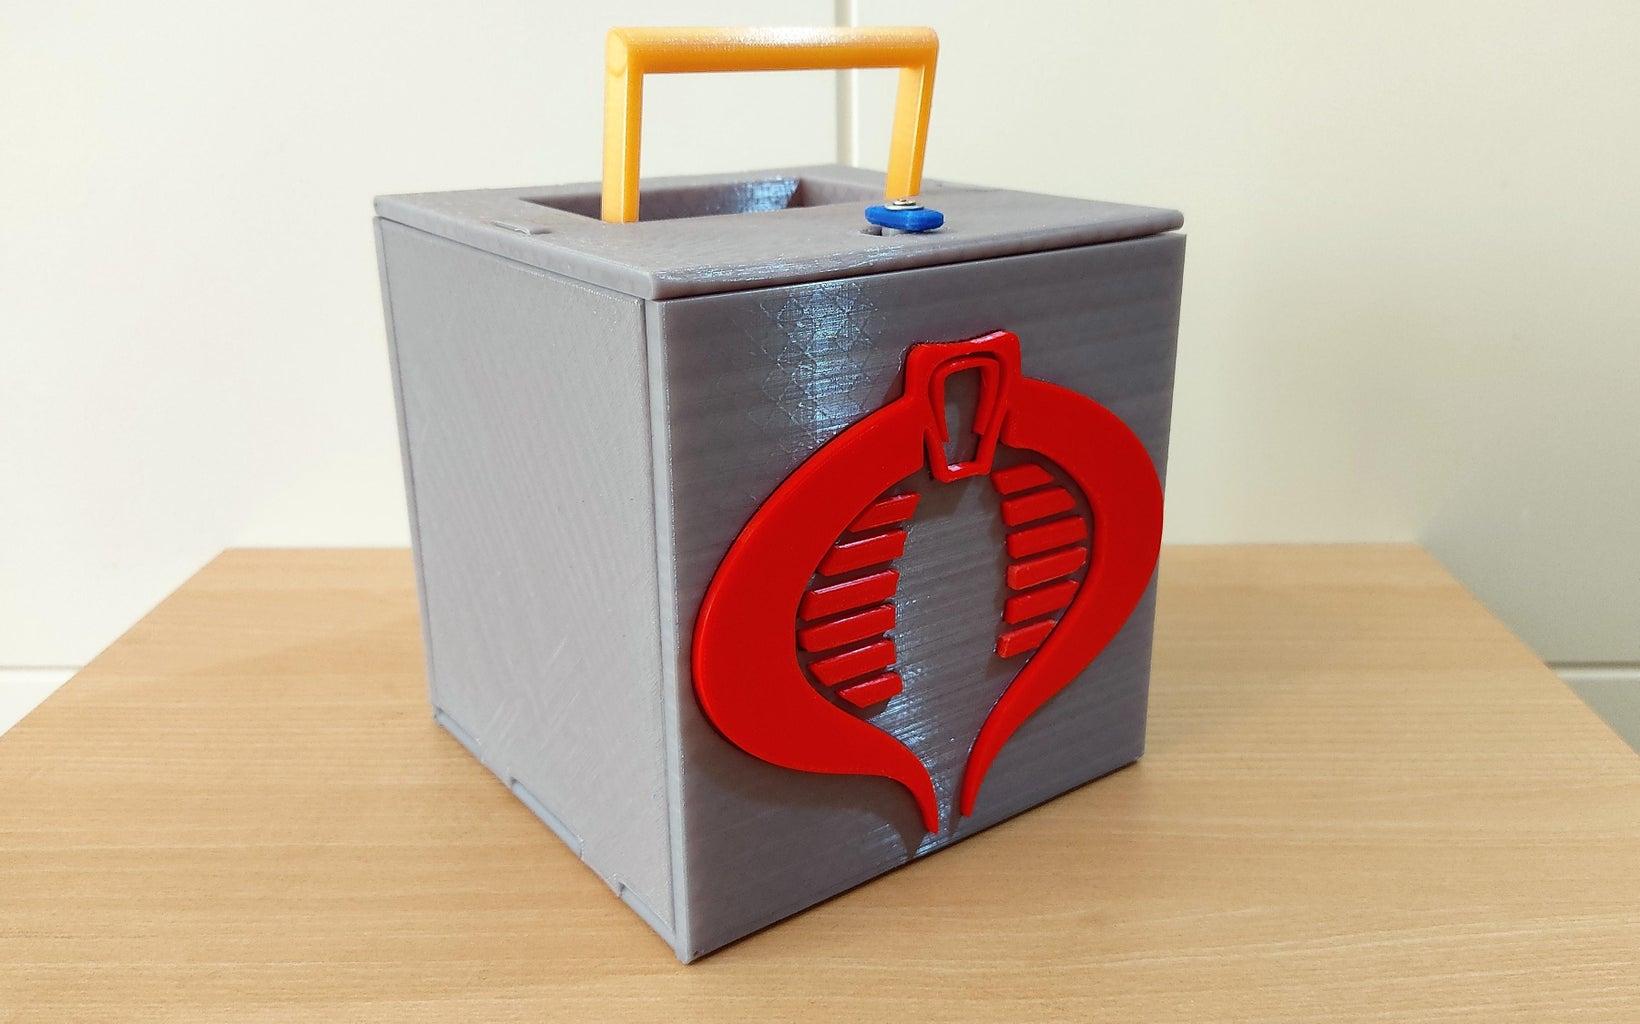 面向学校的产品设计:盒装便携式玩具(具有快速部署行动!)